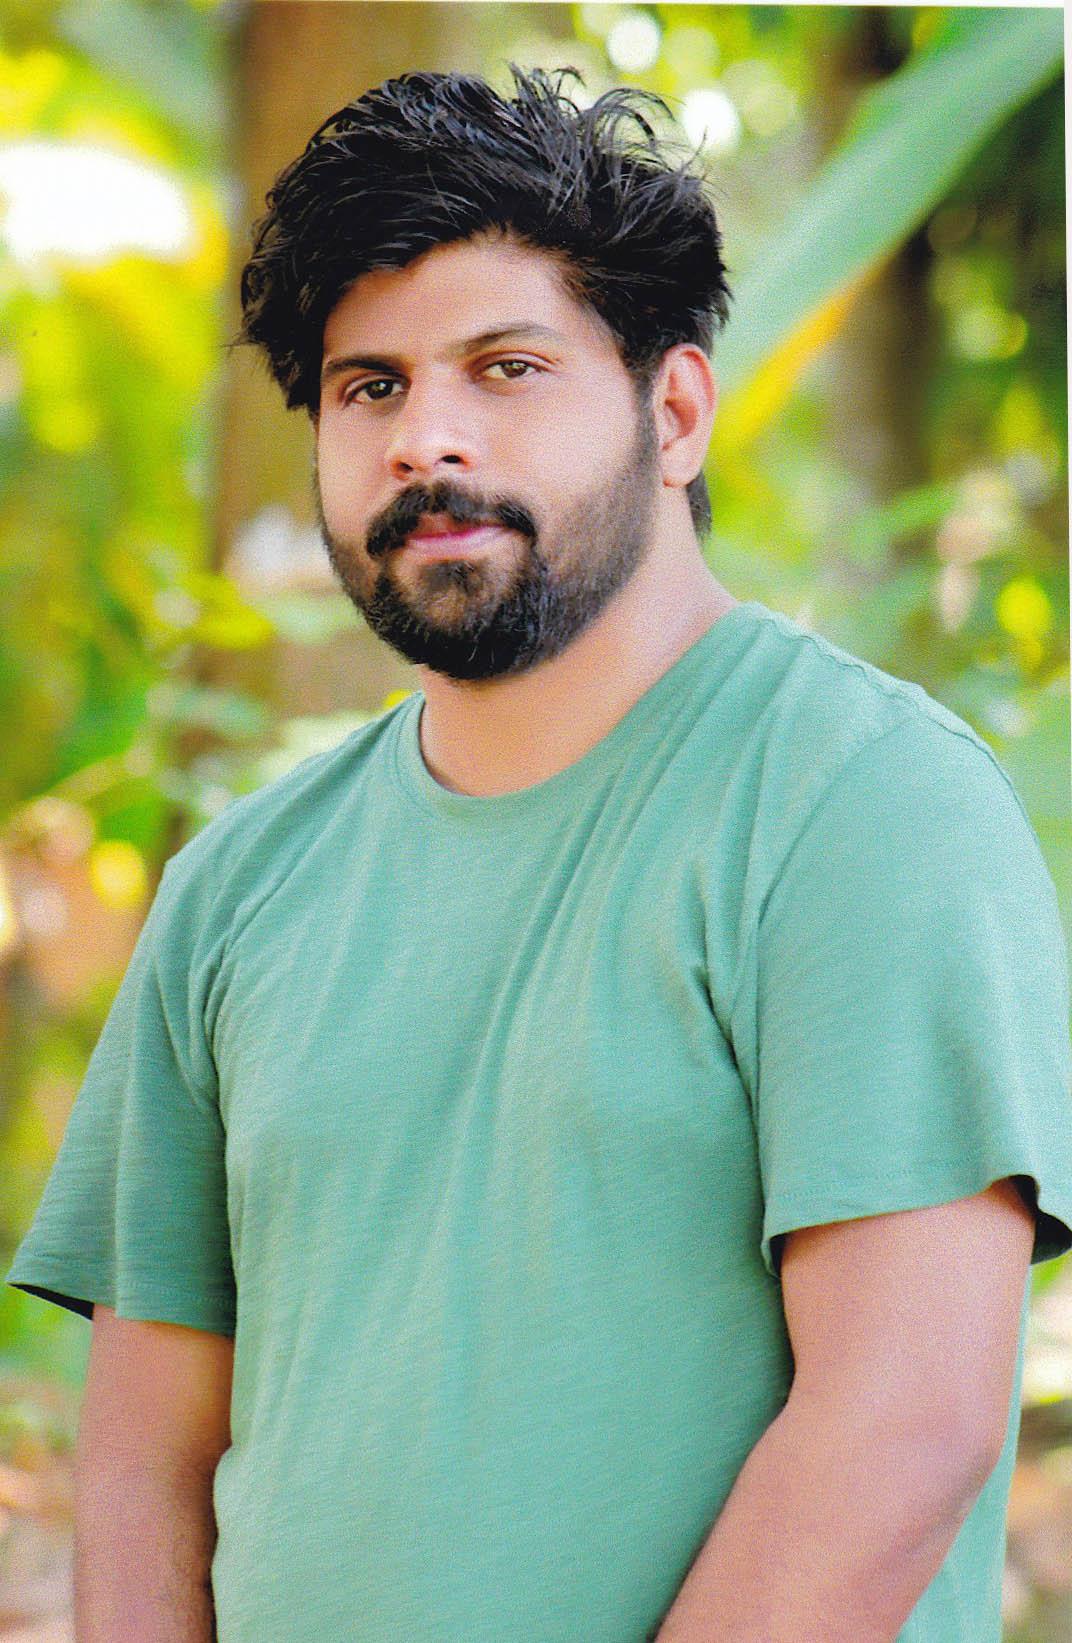 http://chaithanya.in/mat/assets/uploads/profilephotos/48660/437961.jpg